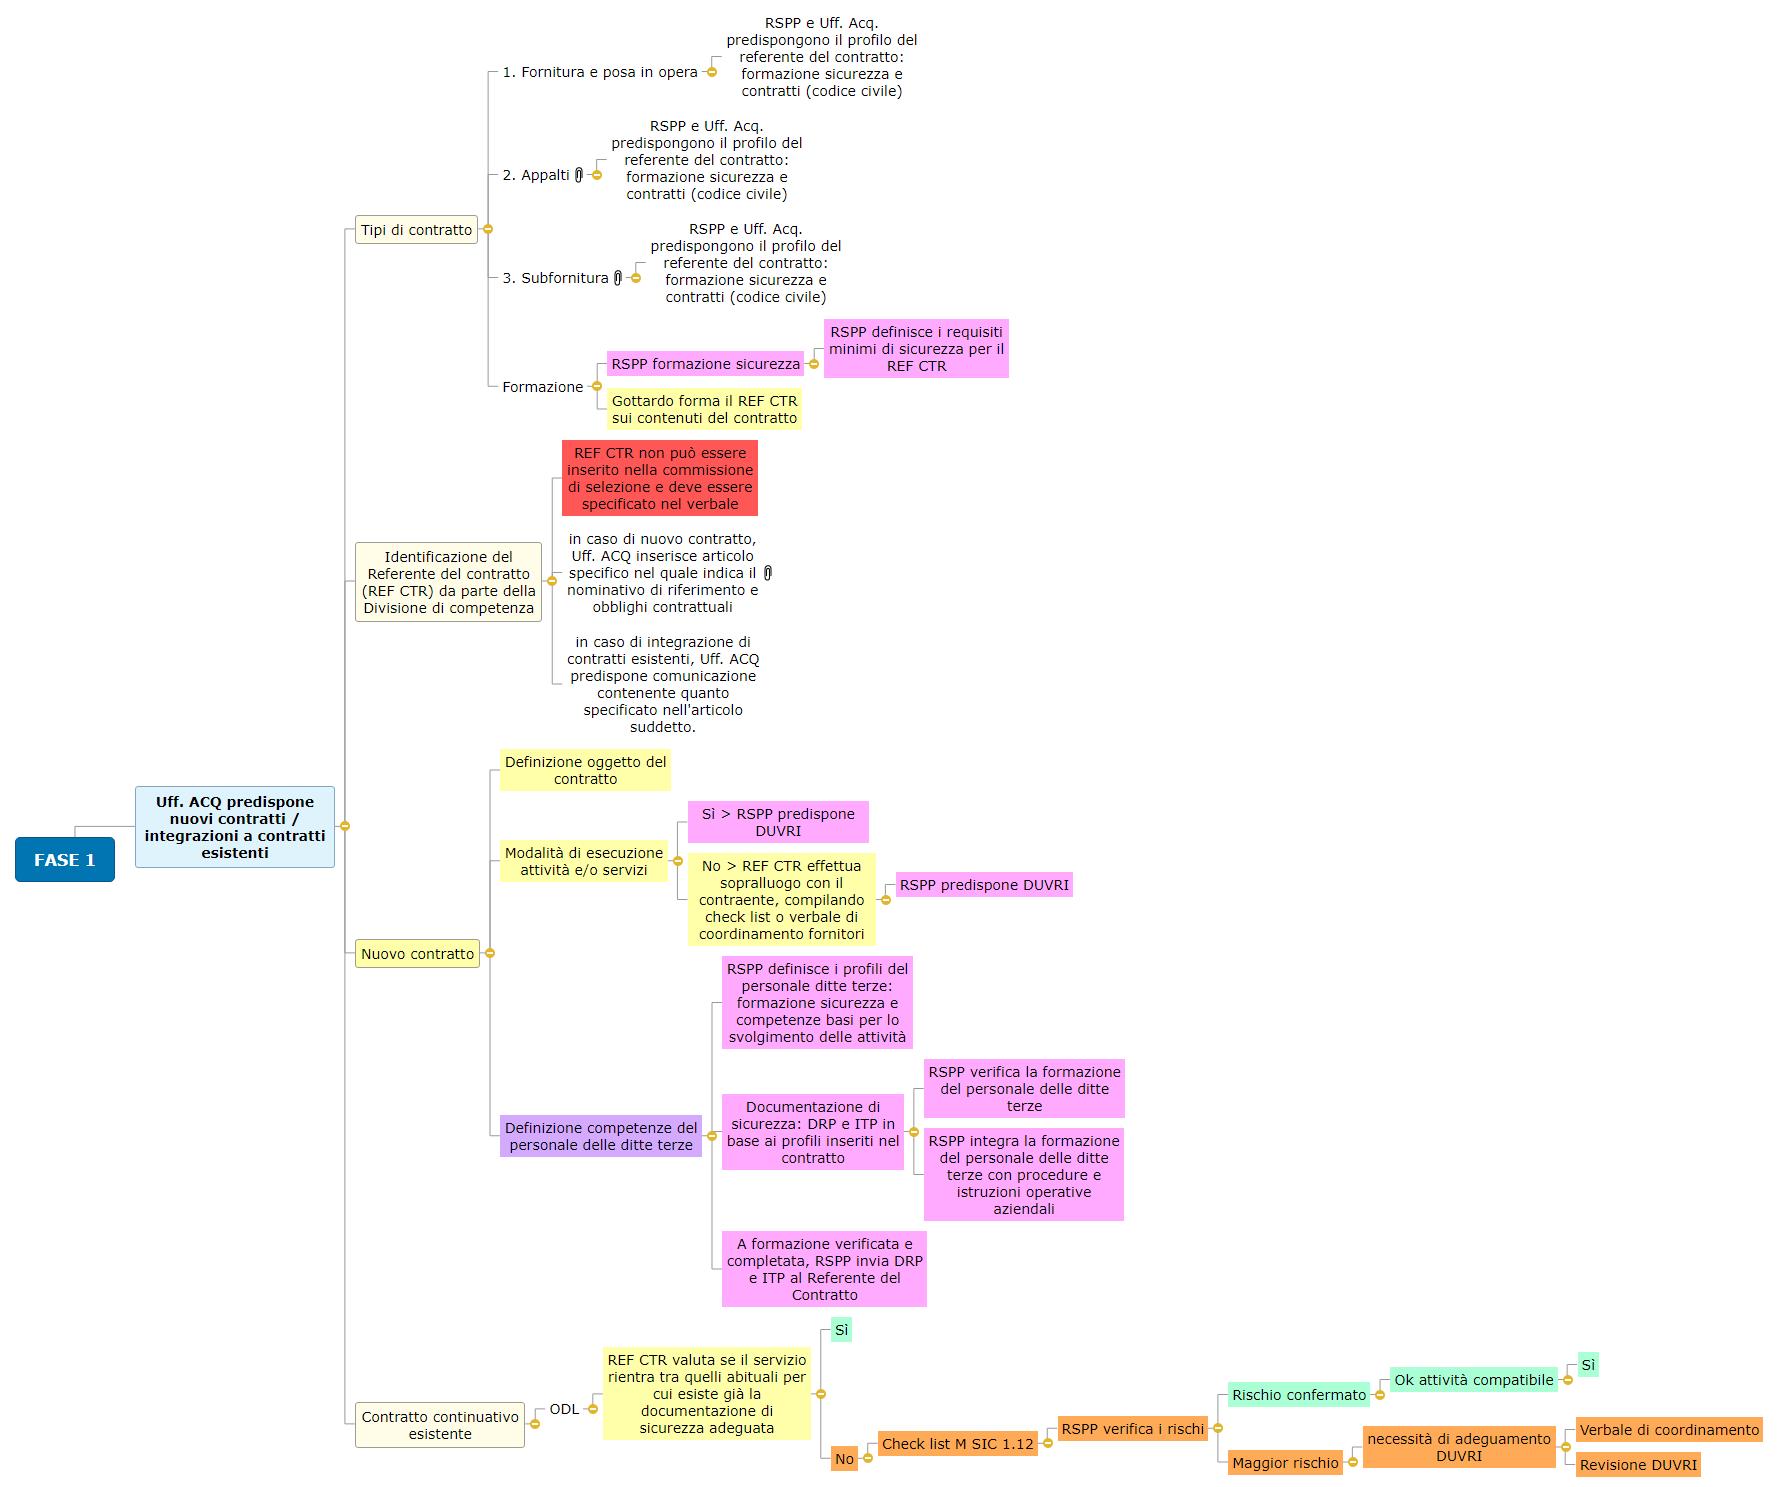 FASE 1 - Contratti e sicurezza - 06 Mind Map